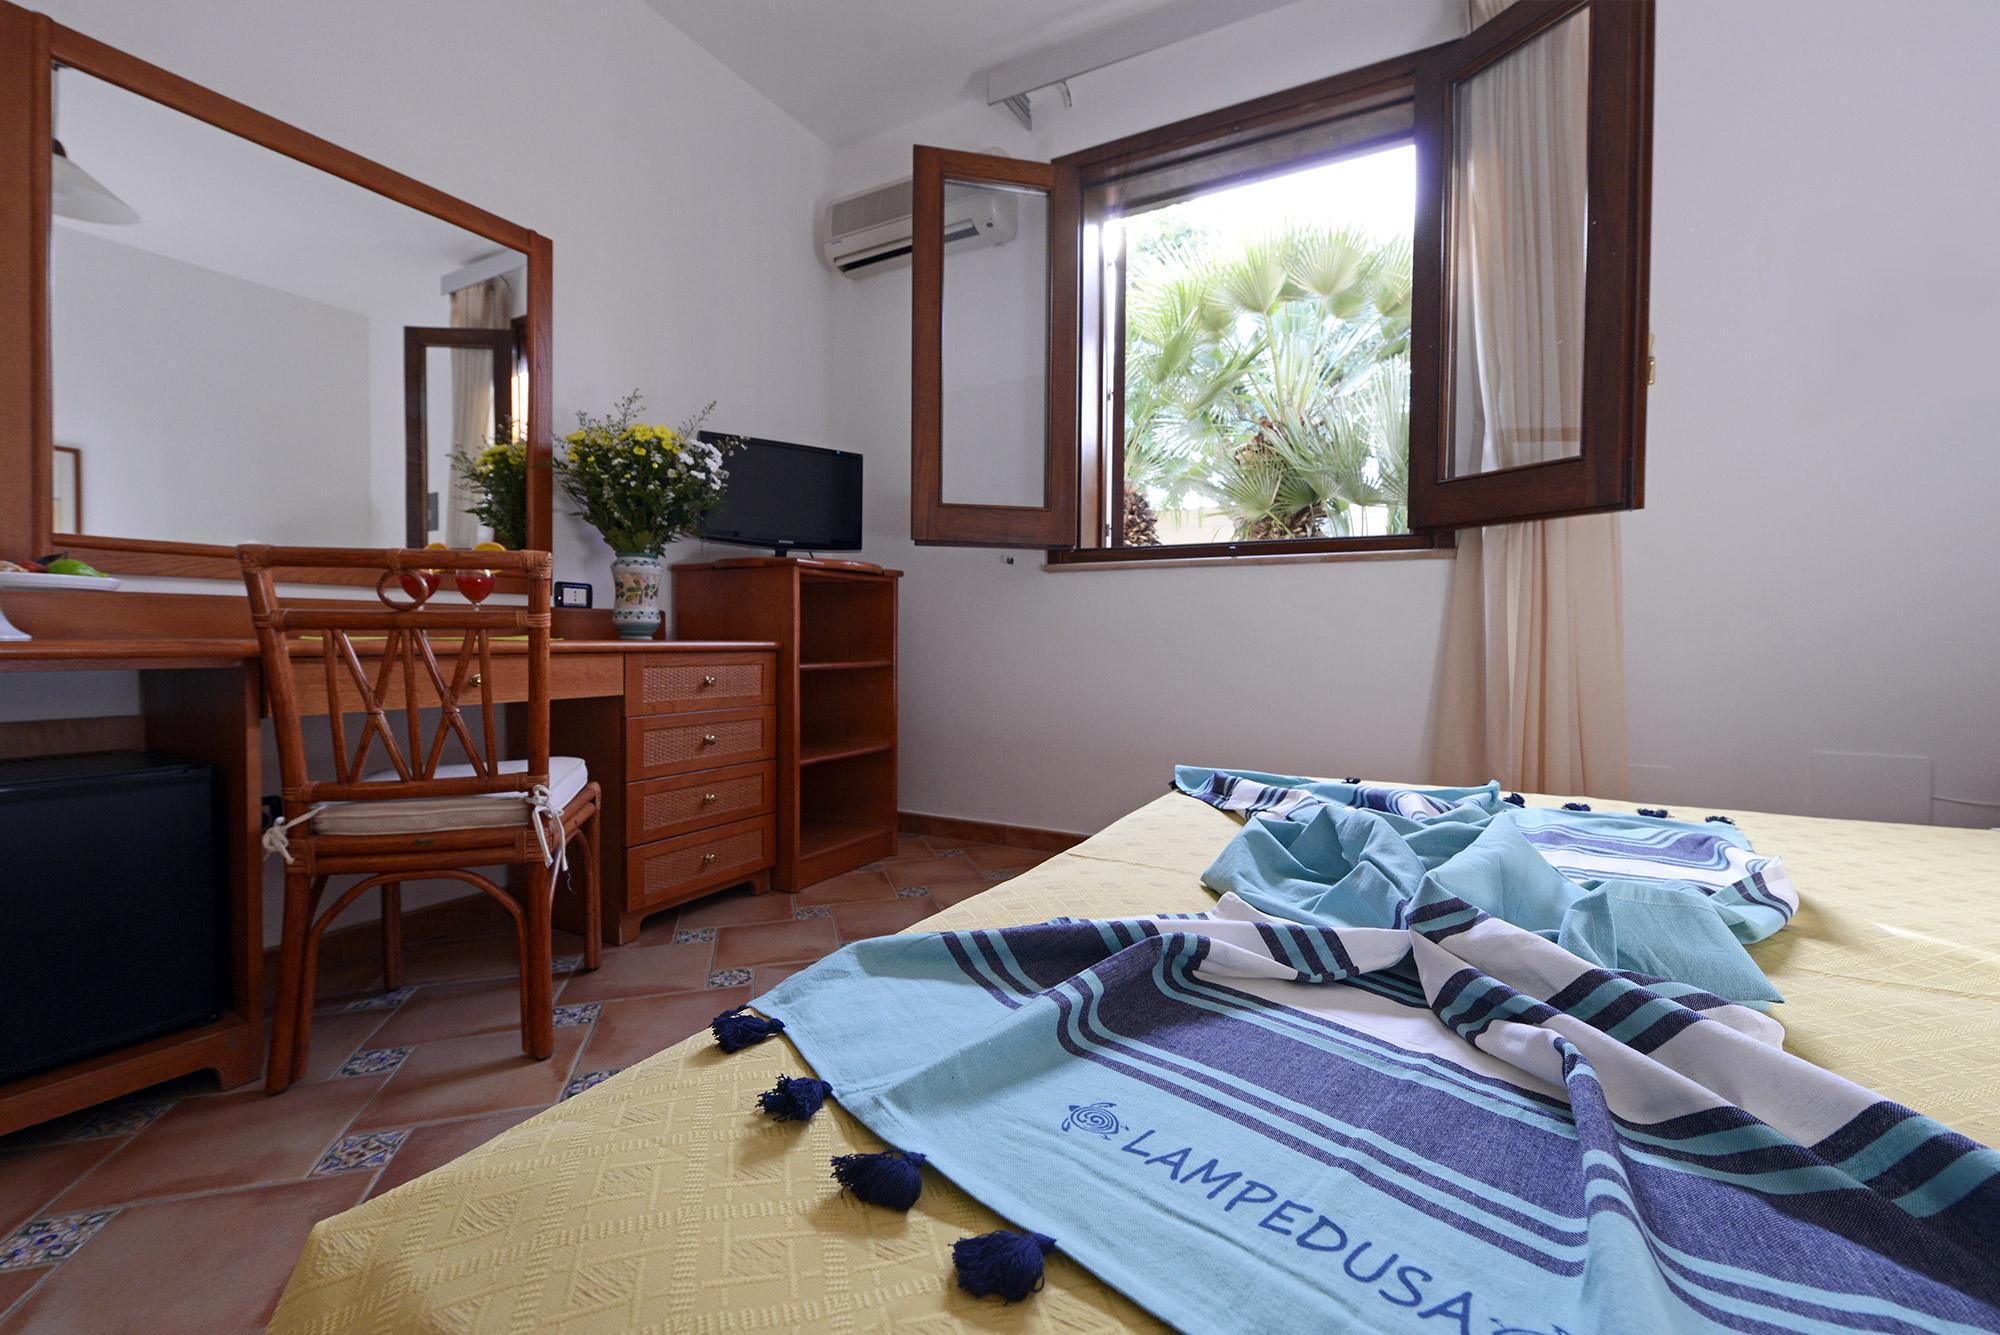 Settimana a Lampedusa con Volo da Napoli Oasis Residence